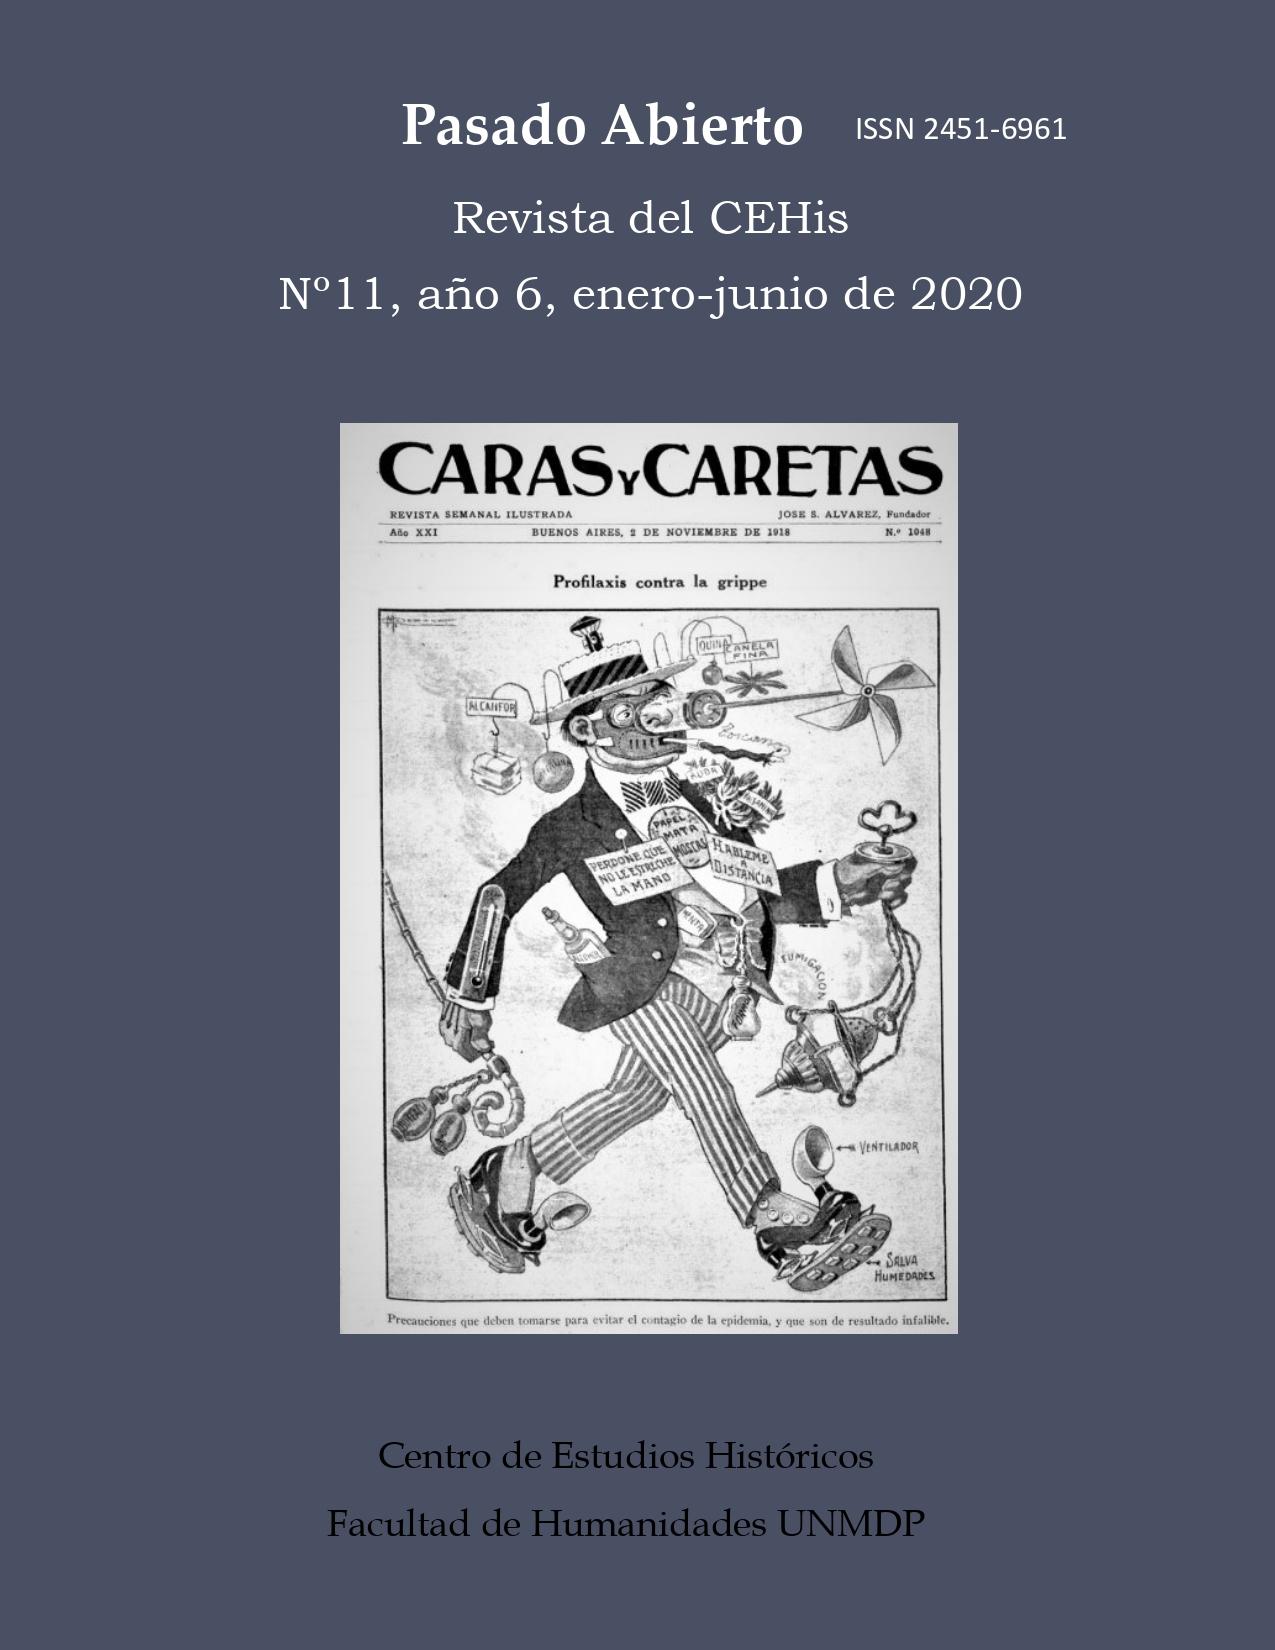 Imagen de portada: Caras y Caretas, 1918. Agradecemos a Adriana Álvarez